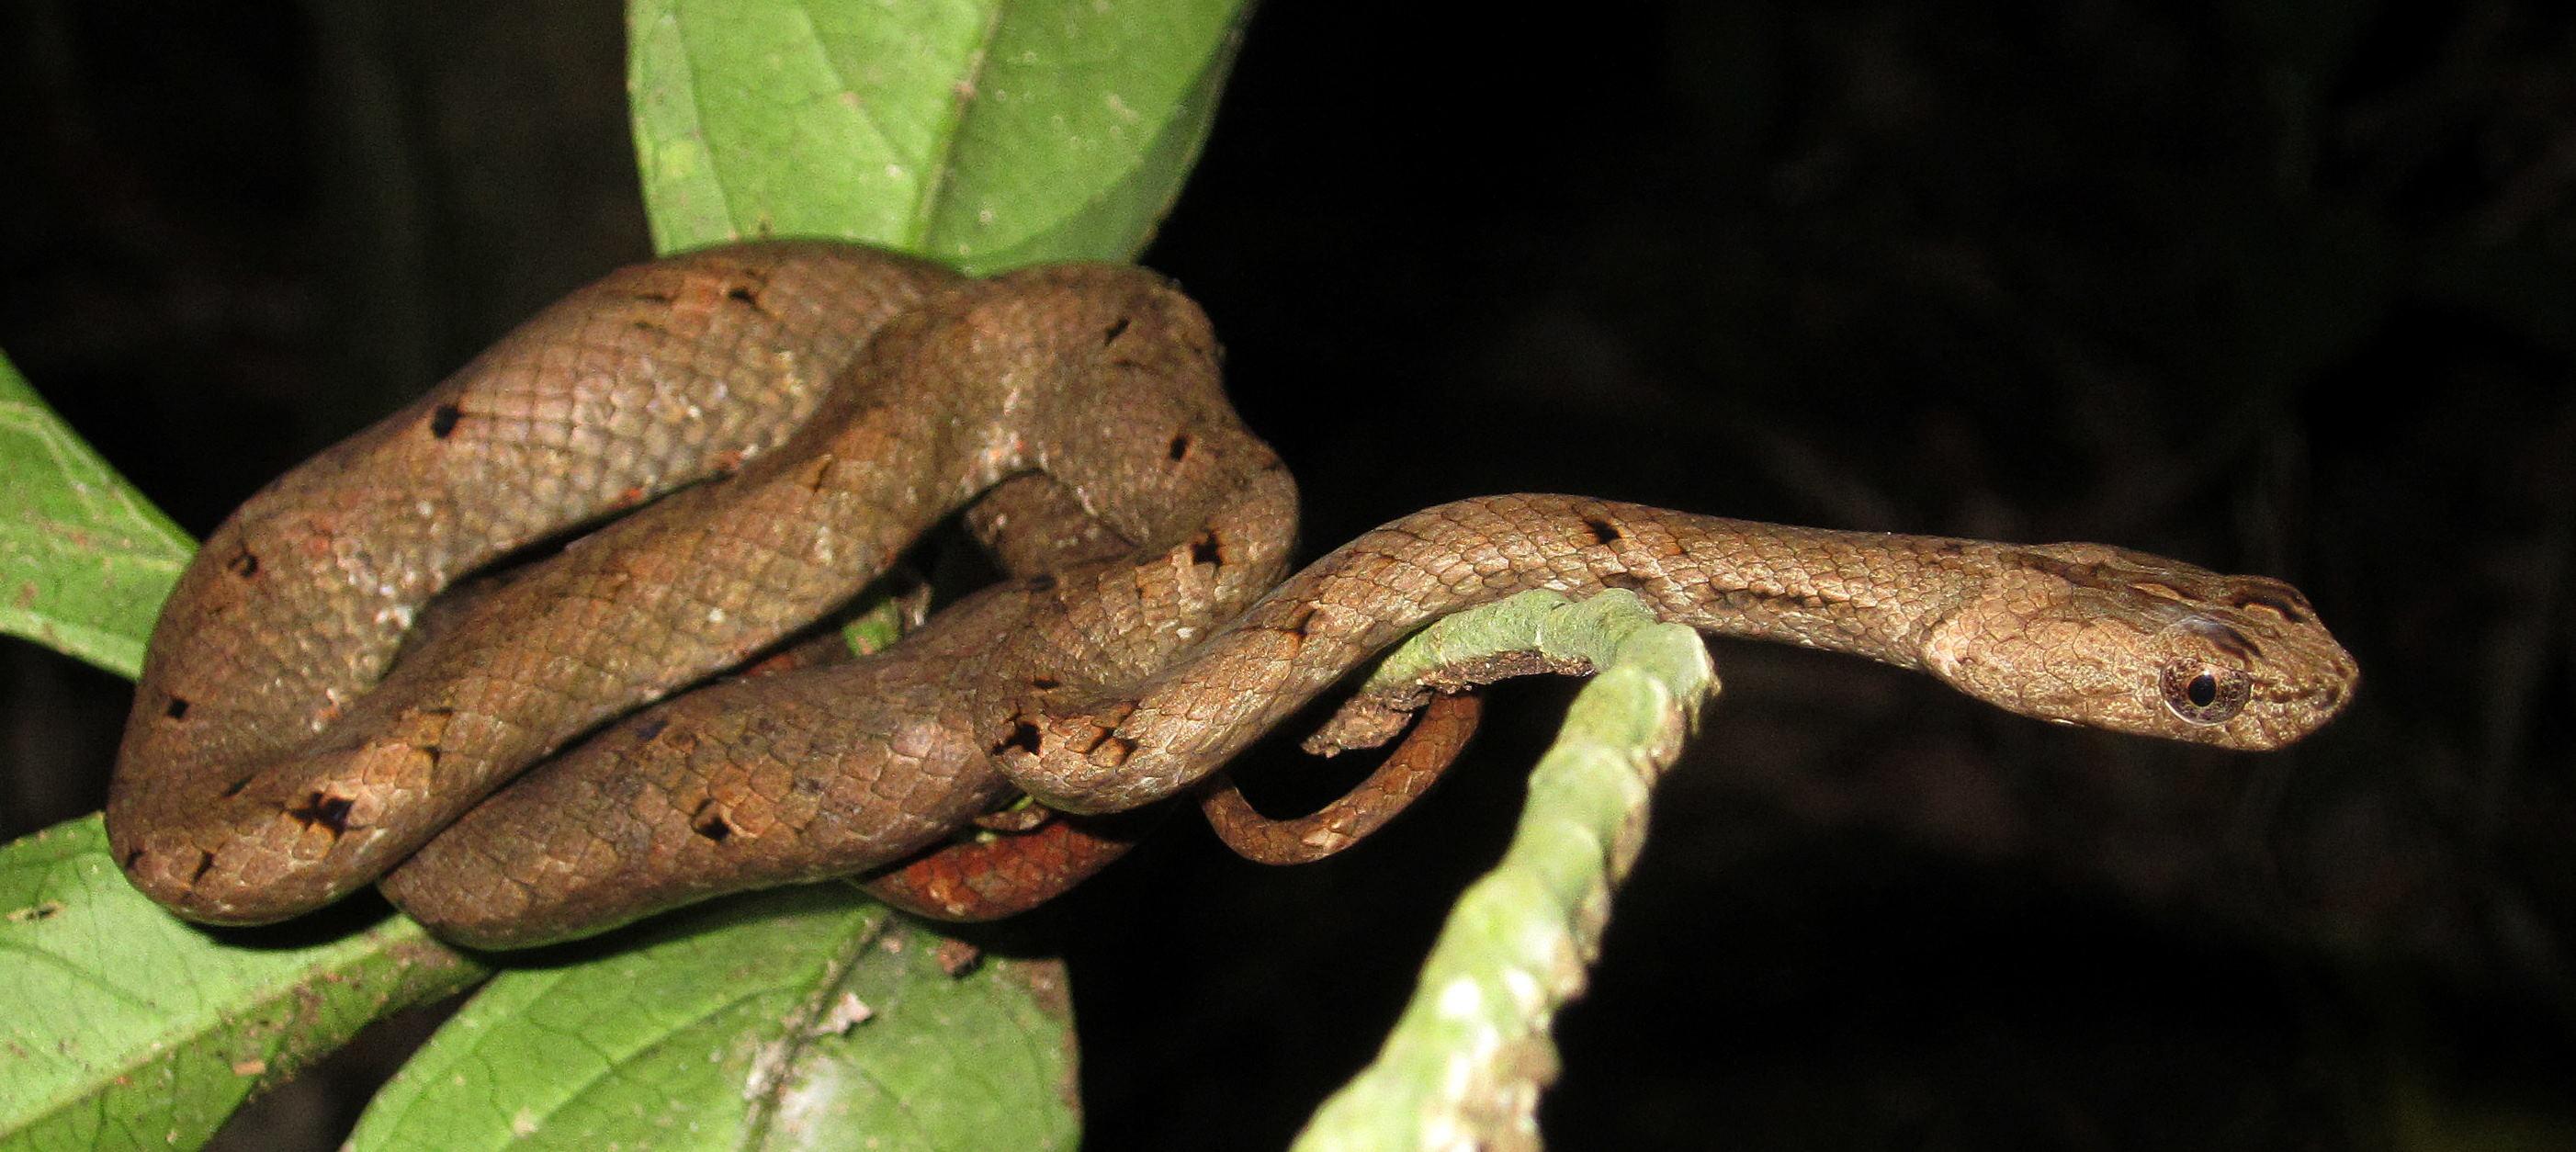 Snake during night safari (Photo by Carmen Or)